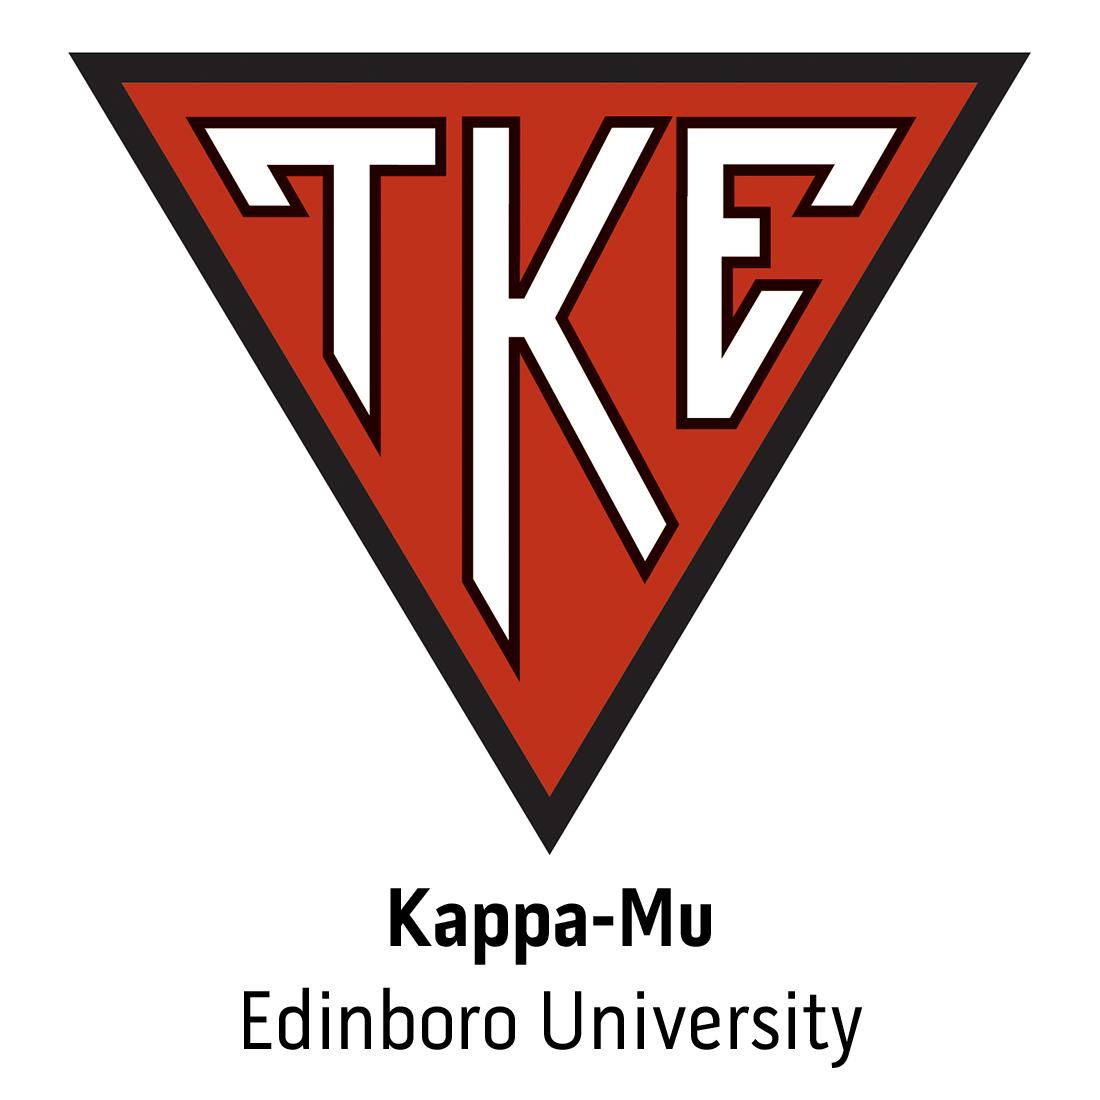 Kappa-Mu Chapter at Edinboro University